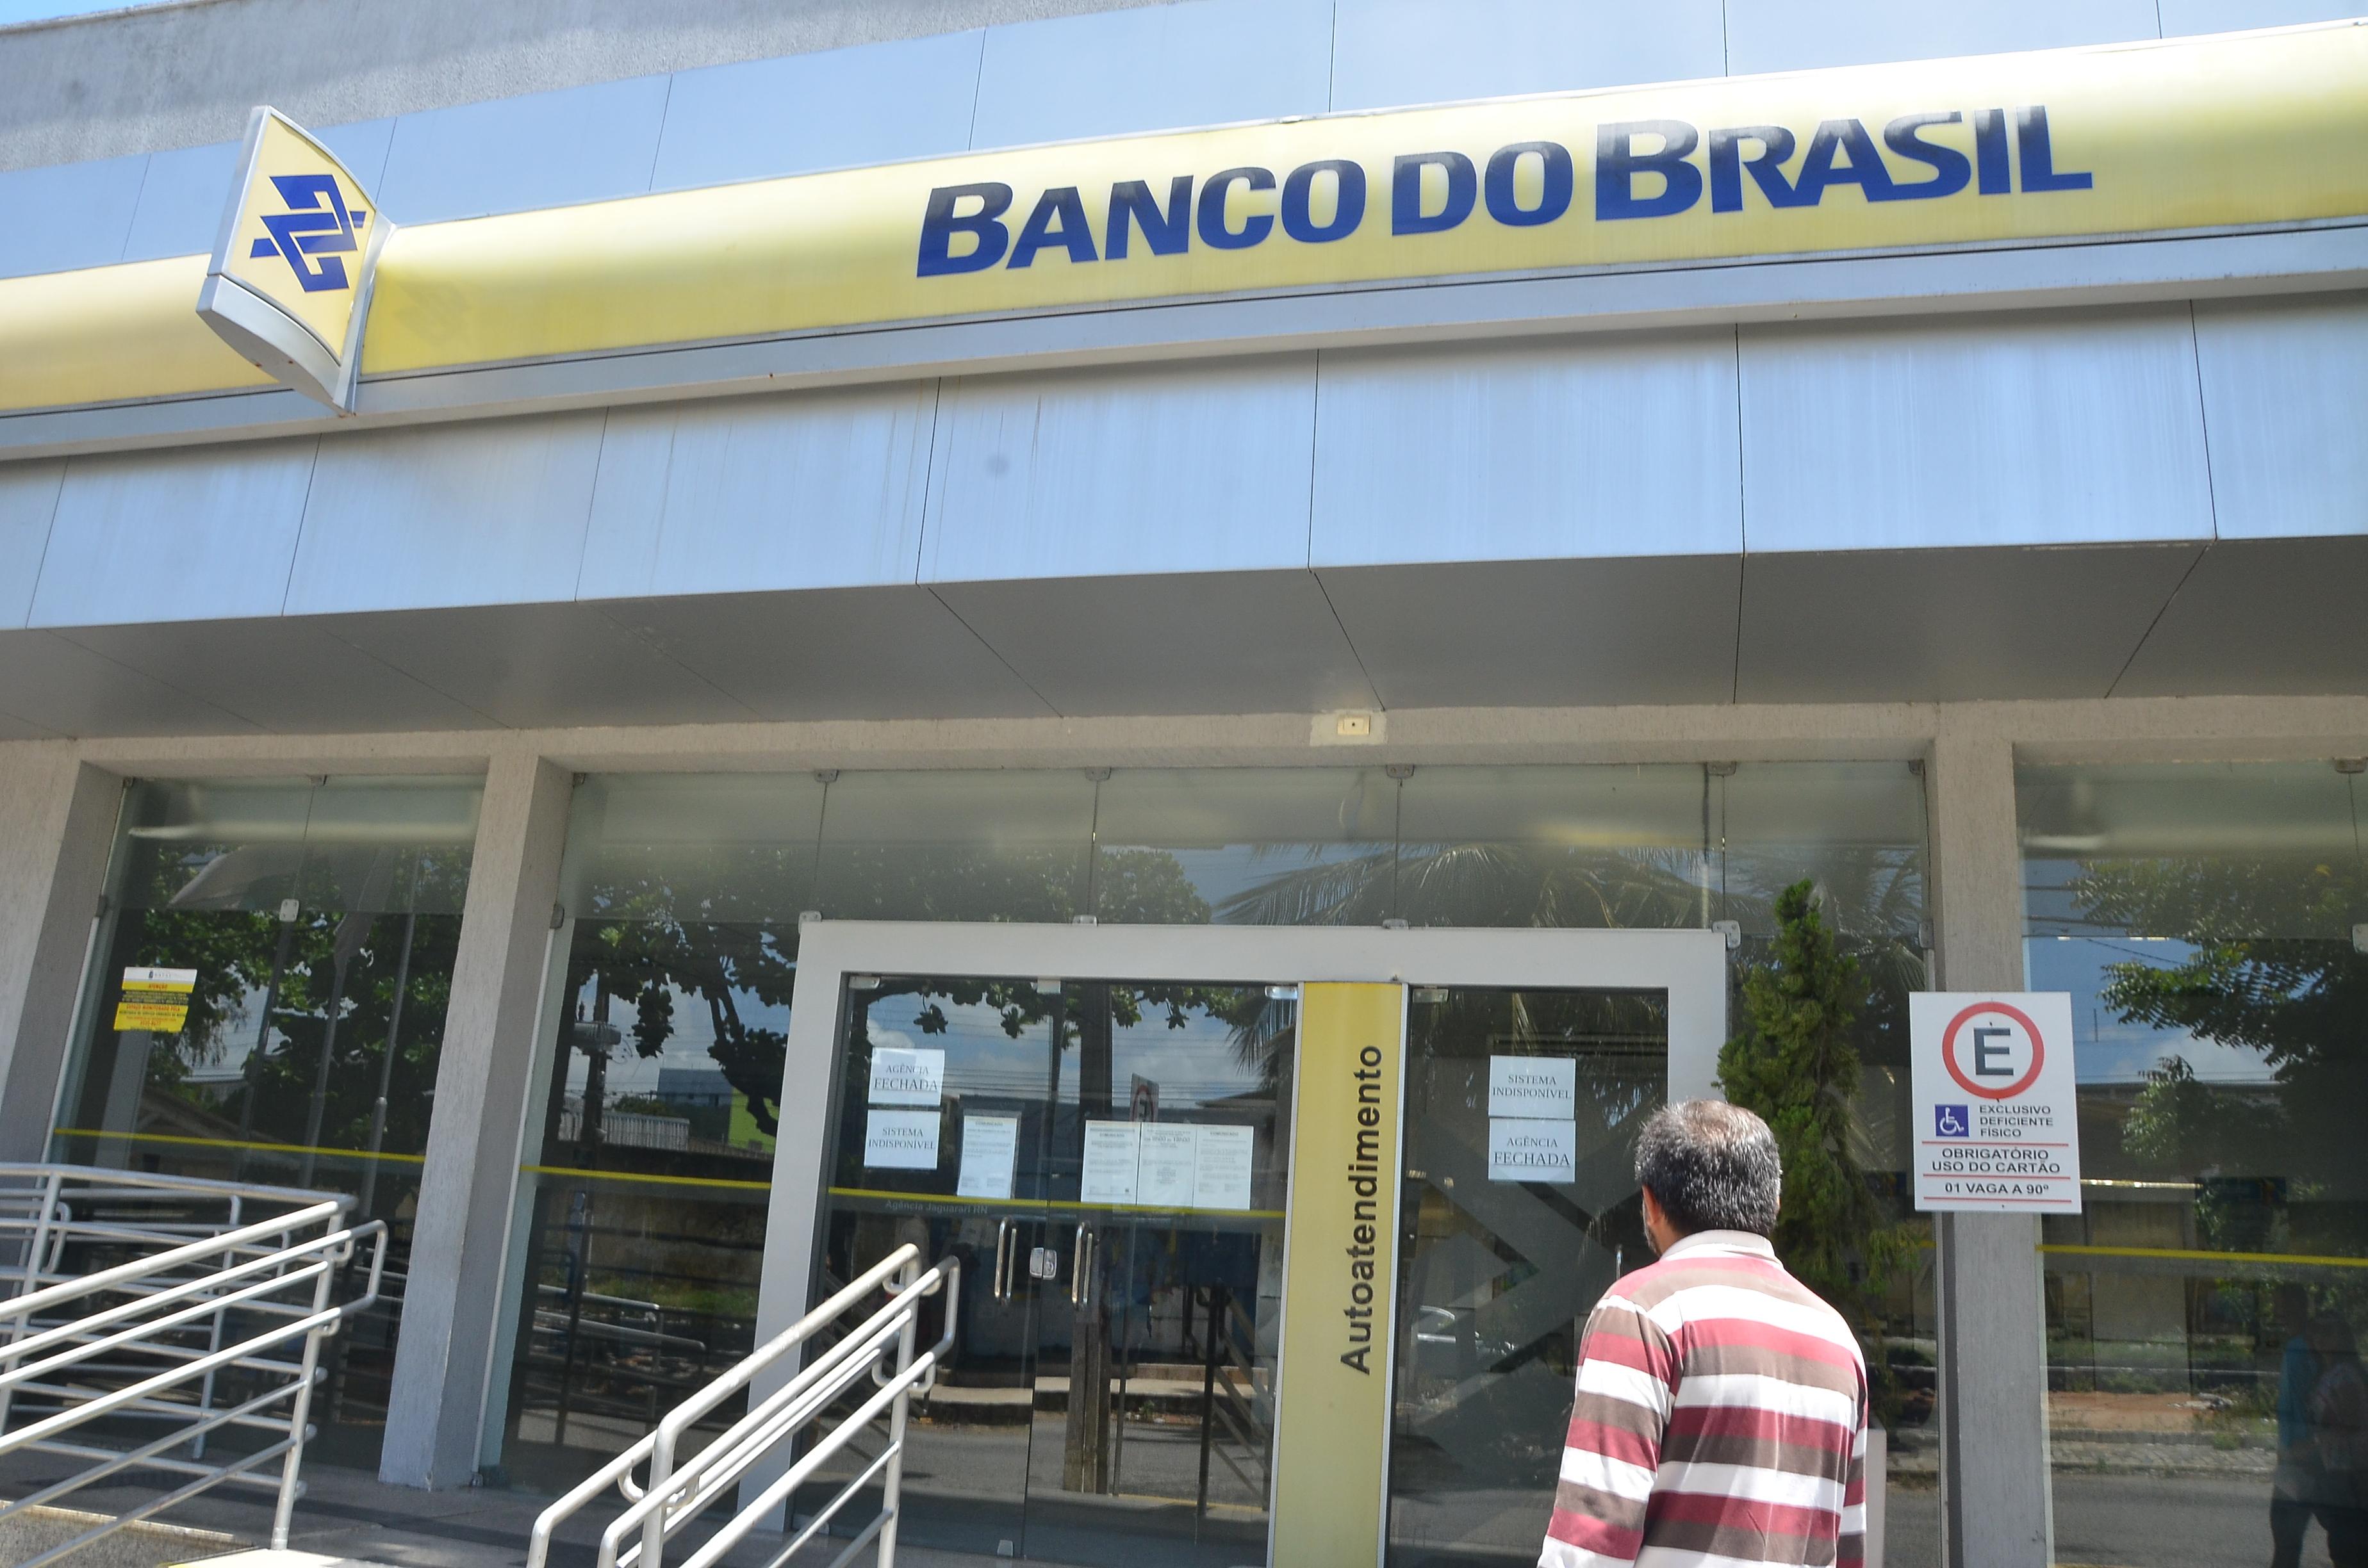 Banco do Brasil Alecrim 4